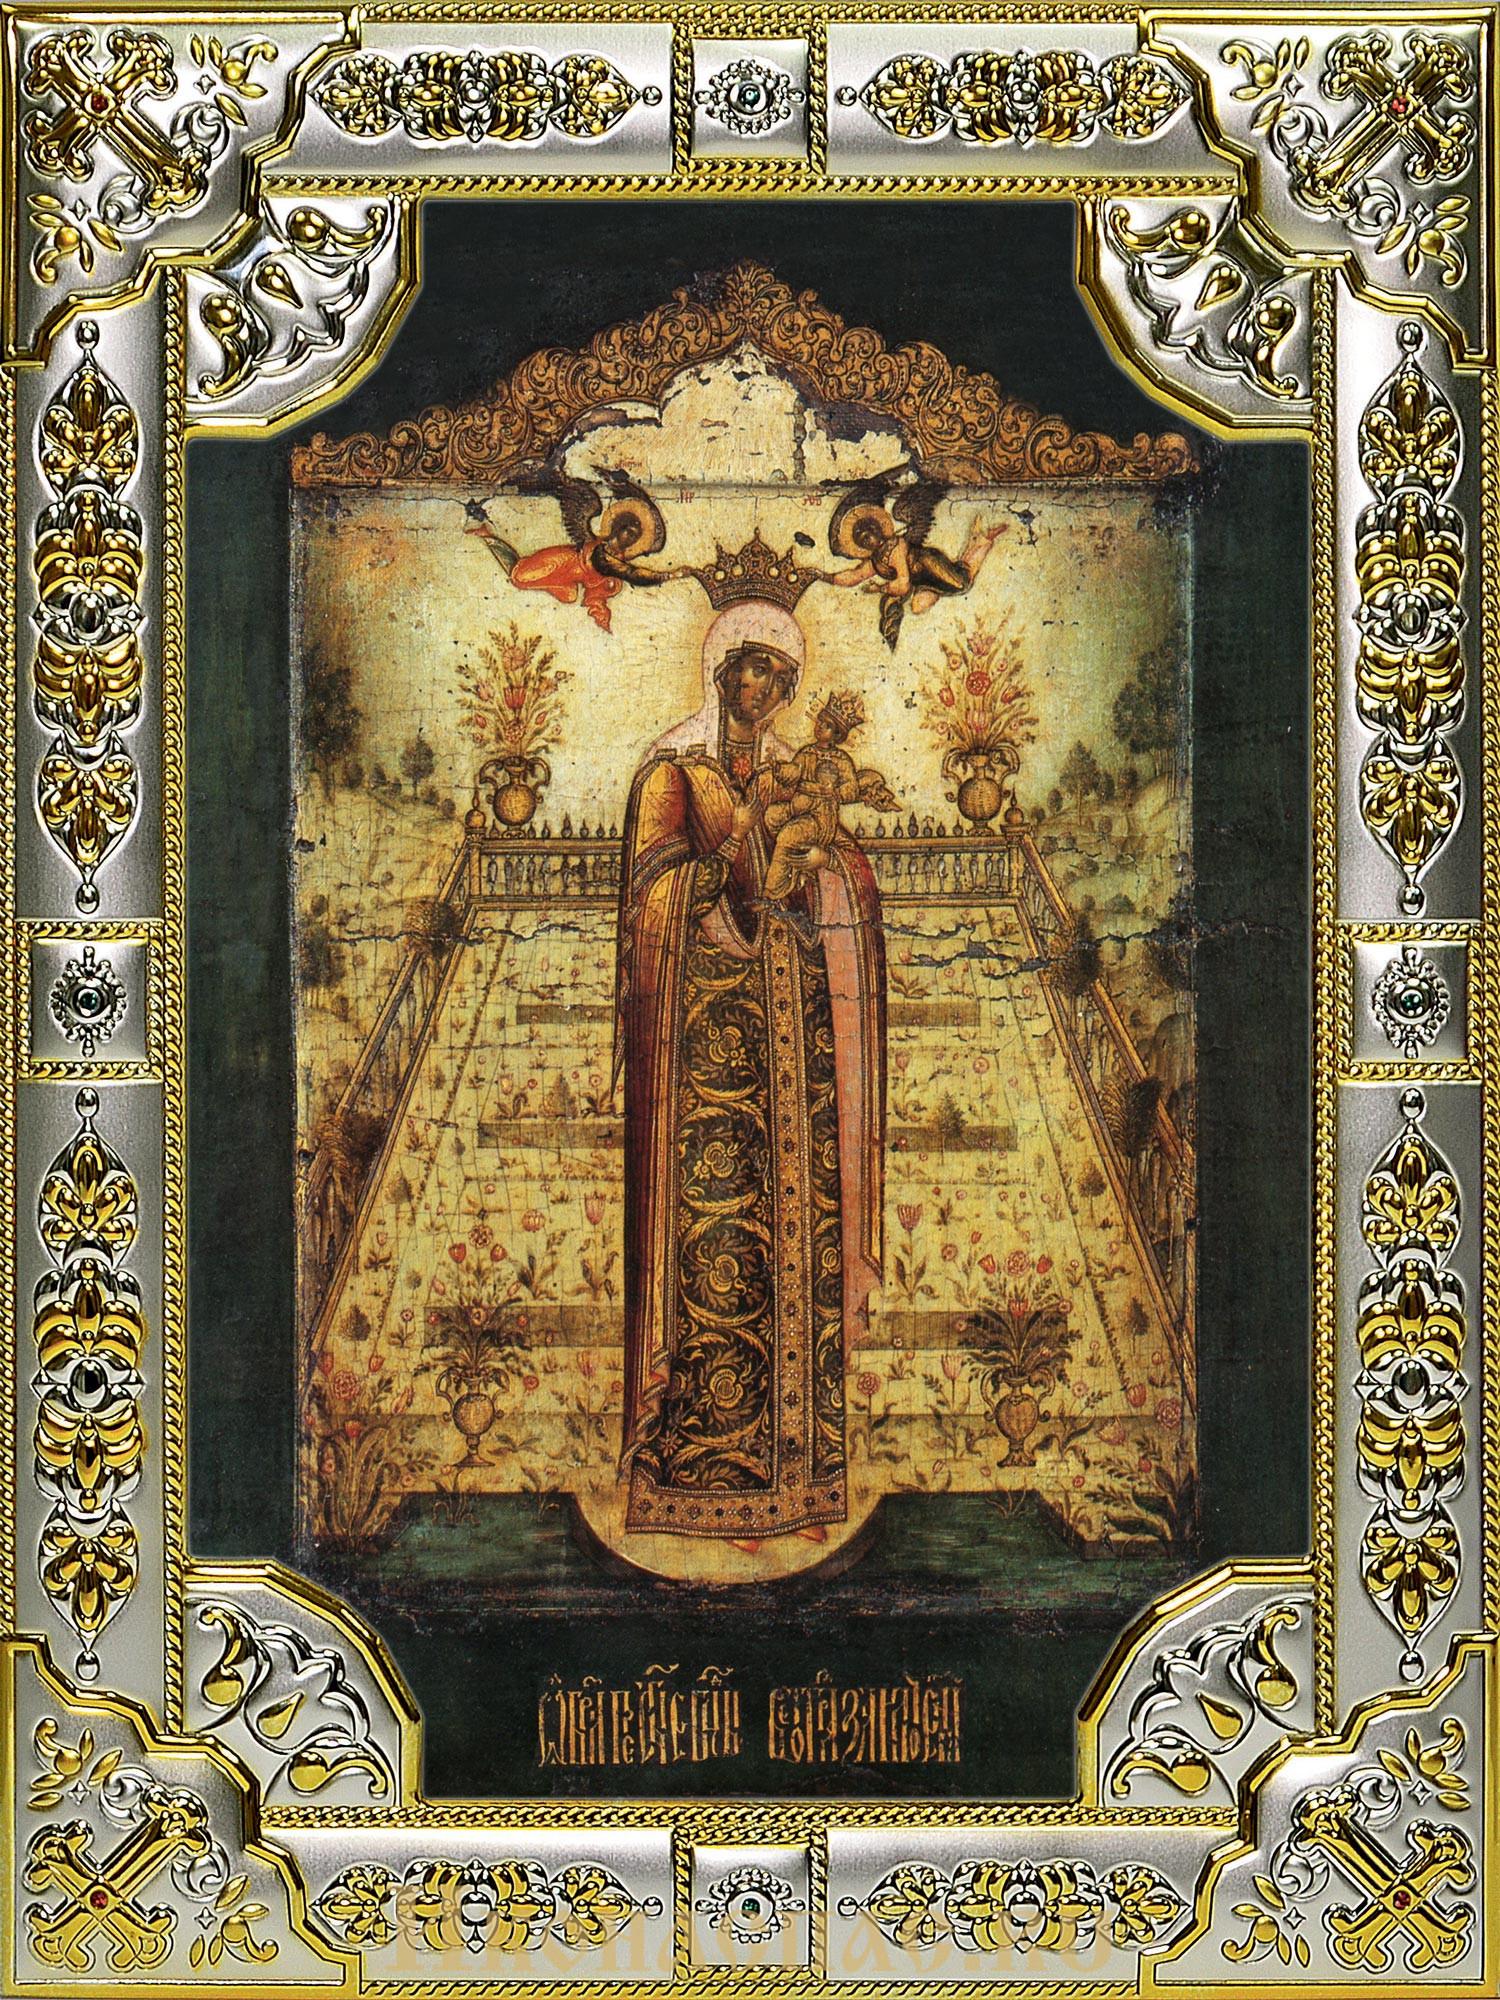 икона Божьей Матери вертоград заключенный